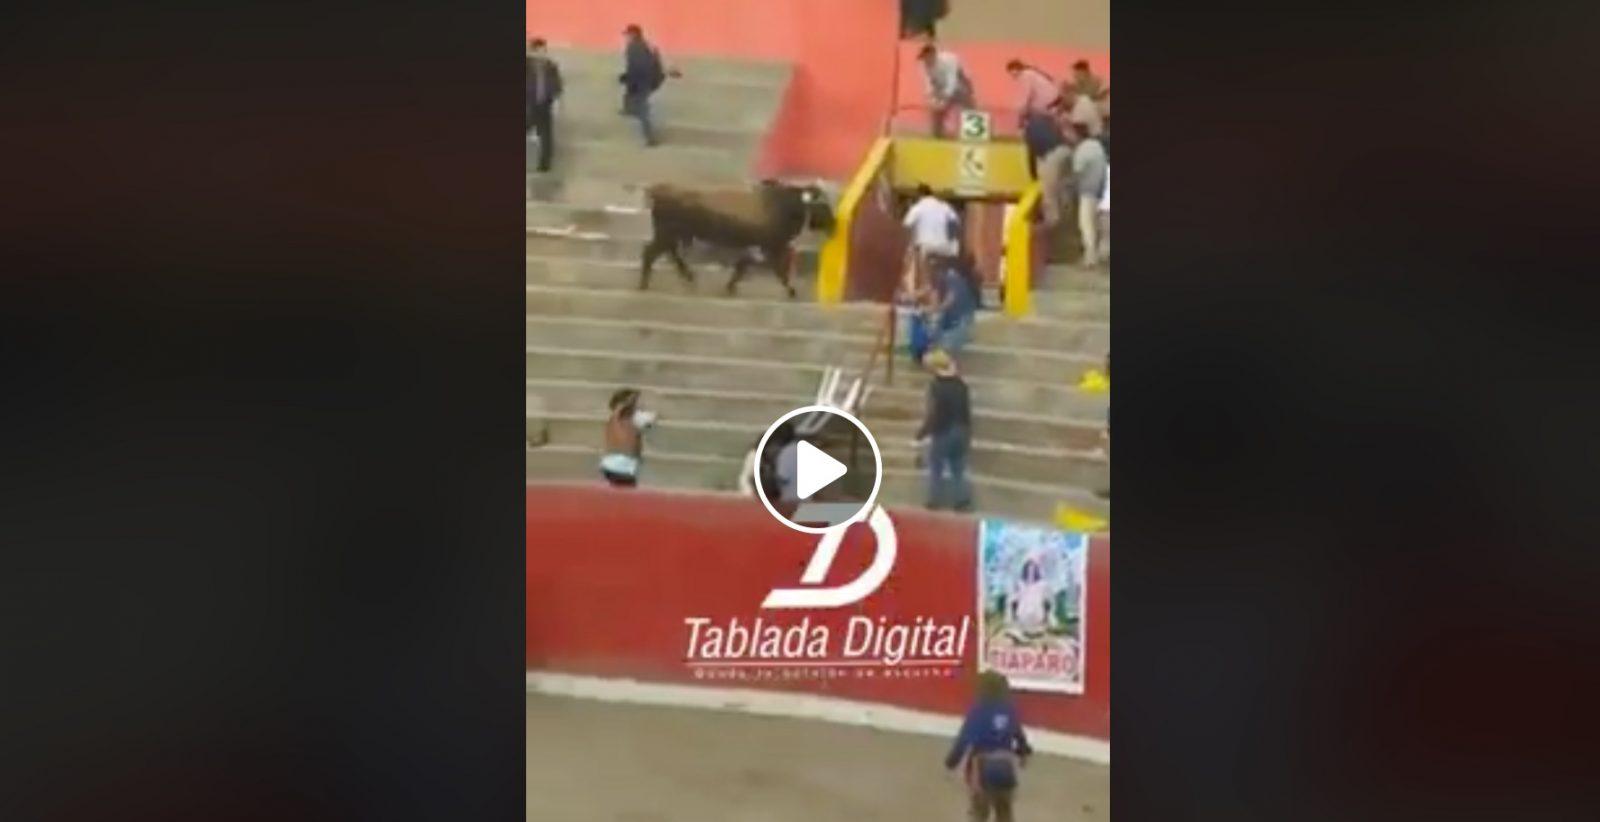 VIDEO DU NET // Un toro saute dans les gradins et blesse grièvement une femme